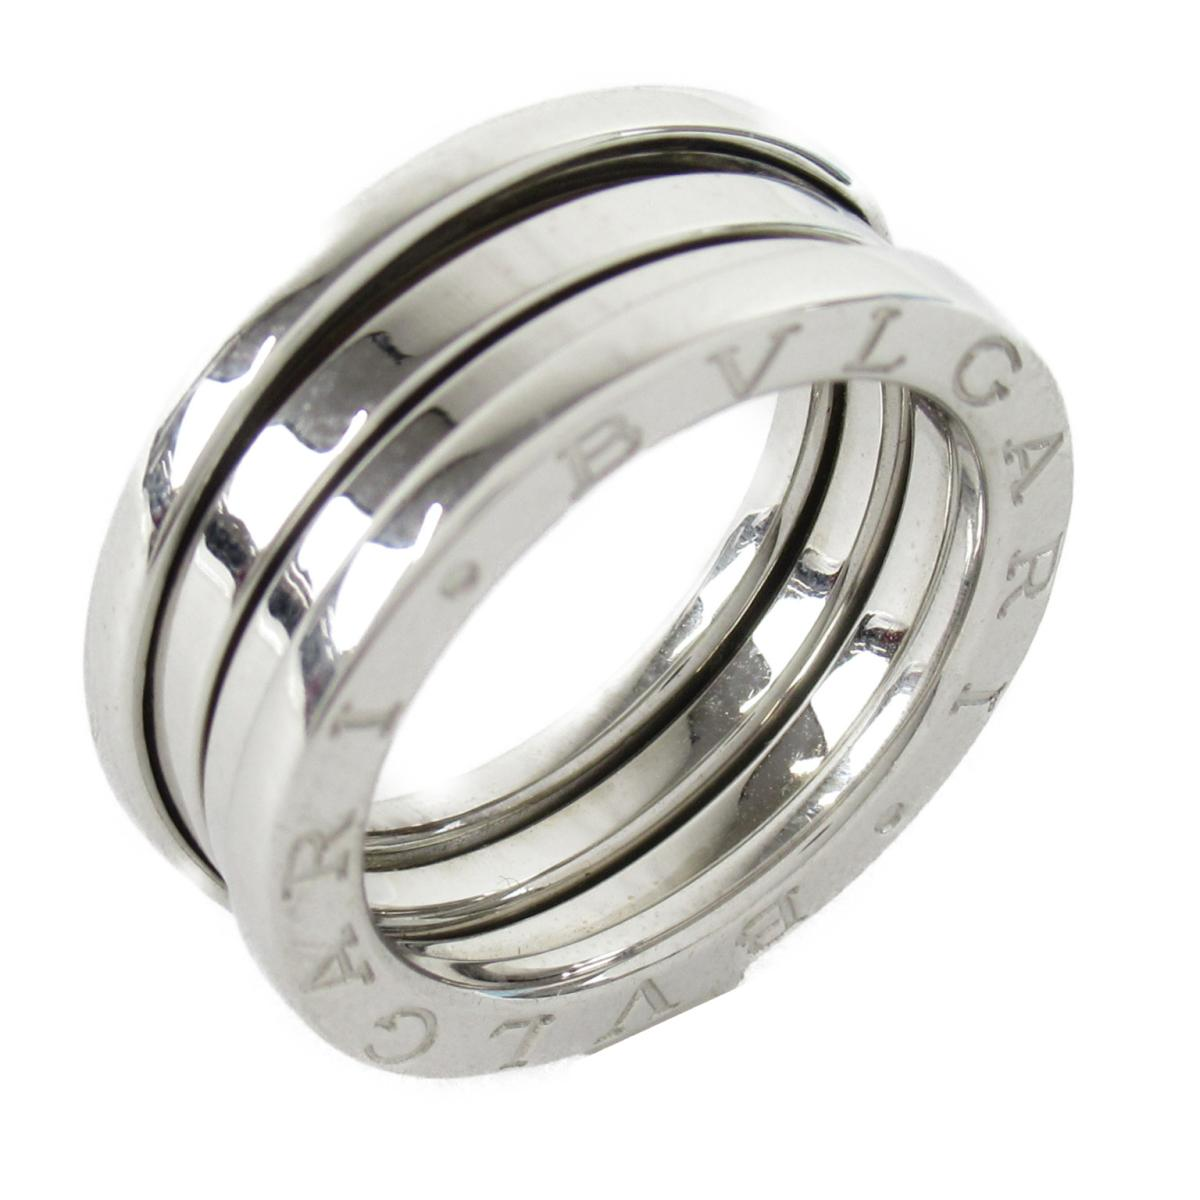 【中古】 ブルガリ B-zero1 ビーゼロワン リング 指輪 メンズ レディース K18WG (750) ホワイトゴールド | BVLGARI BRANDOFF ブランドオフ ブランド ジュエリー アクセサリー